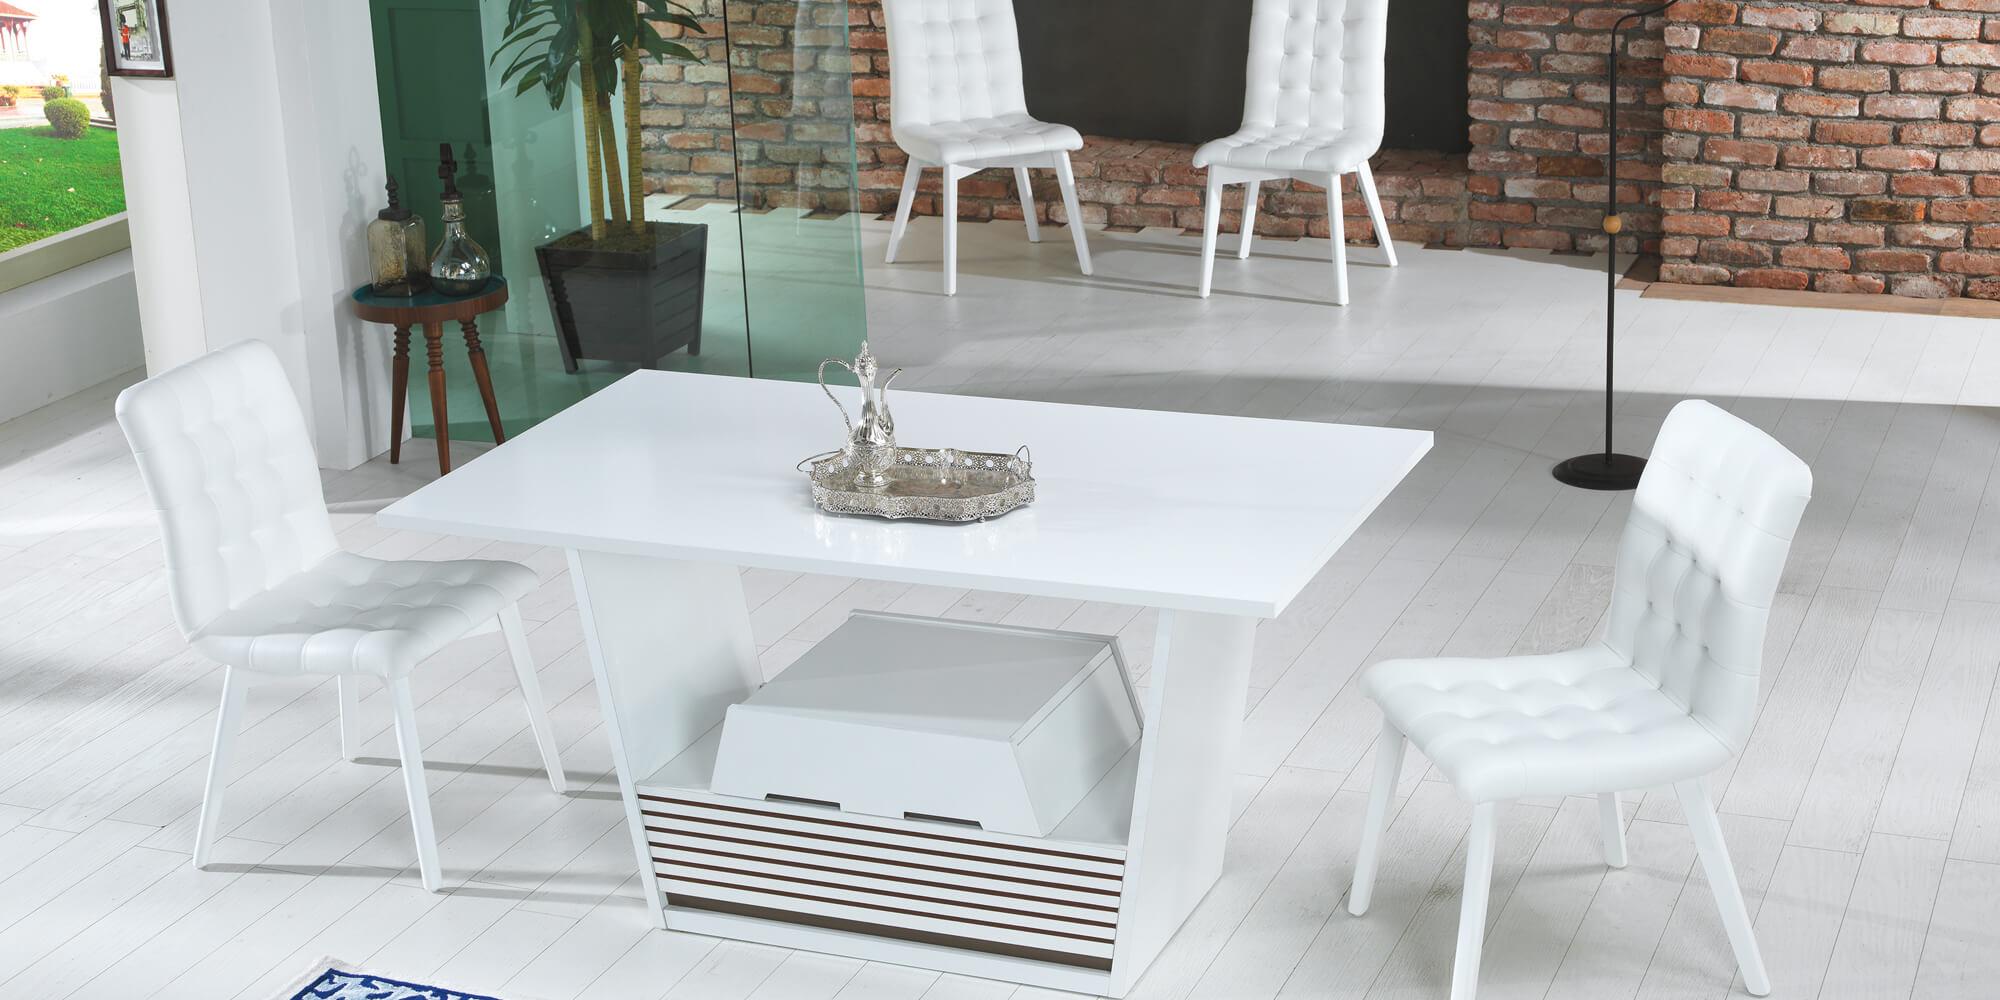 piramit weiss esszimmer set yuvam m belhaus in wuppertal cilek offizieller h ndler in europa. Black Bedroom Furniture Sets. Home Design Ideas